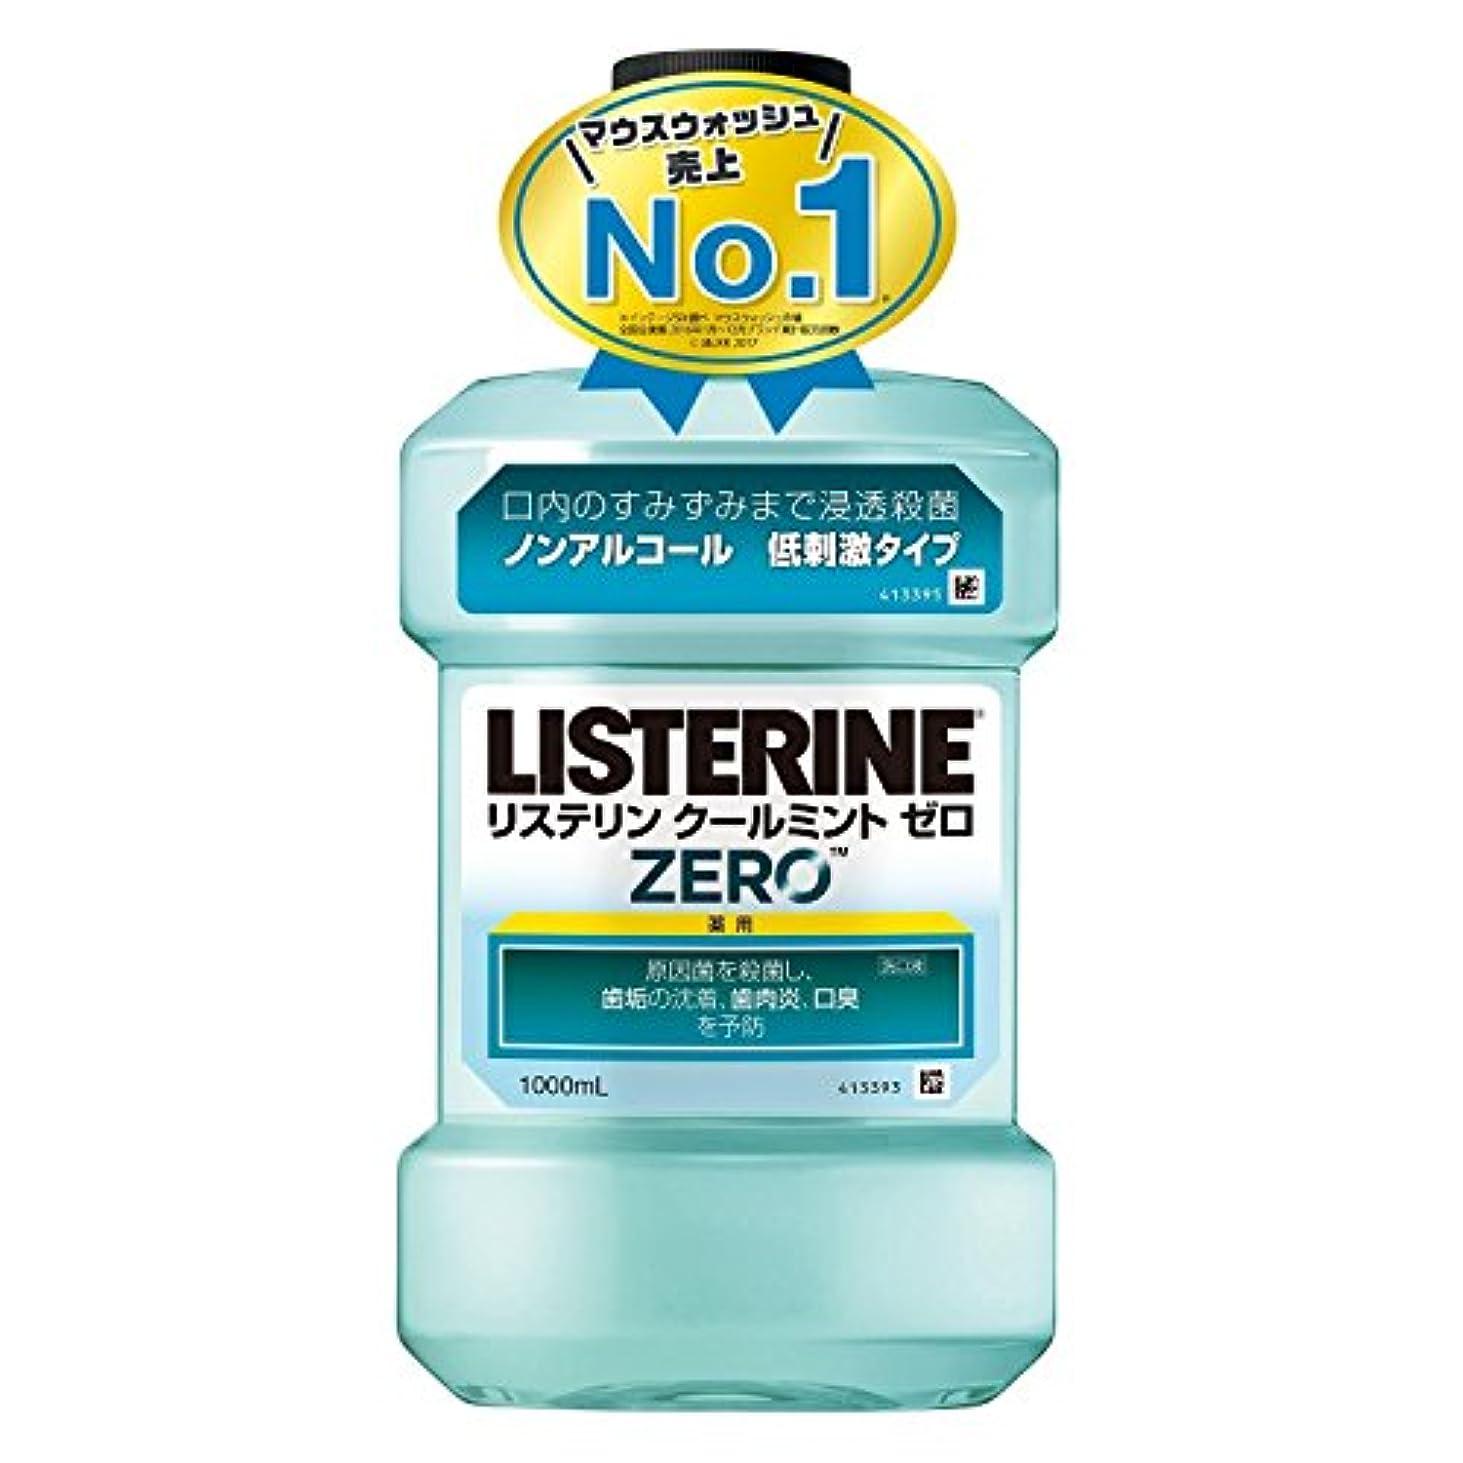 突破口喉頭スリラー【大容量2本】薬用 リステリン クールミントゼロ マウスウォッシュ 低刺激 1000mLx2本(4901730160117-2)